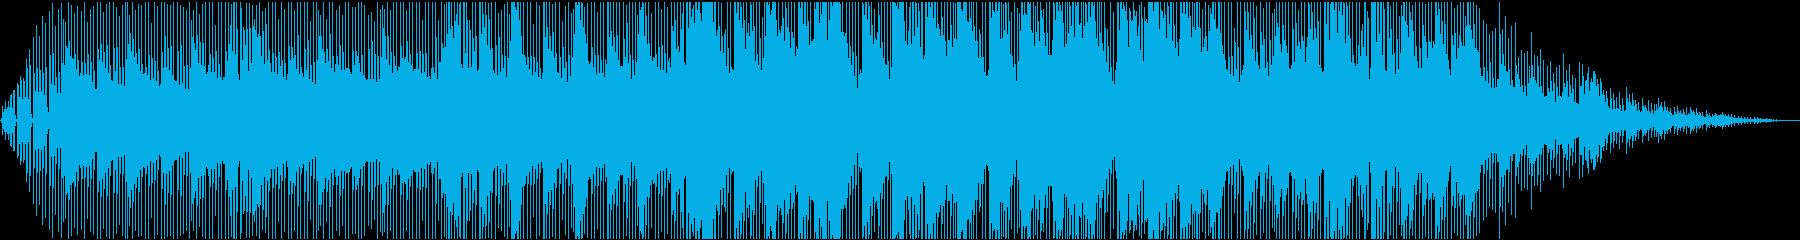 スタート前の回想シーン(ピアノ、ギター)の再生済みの波形